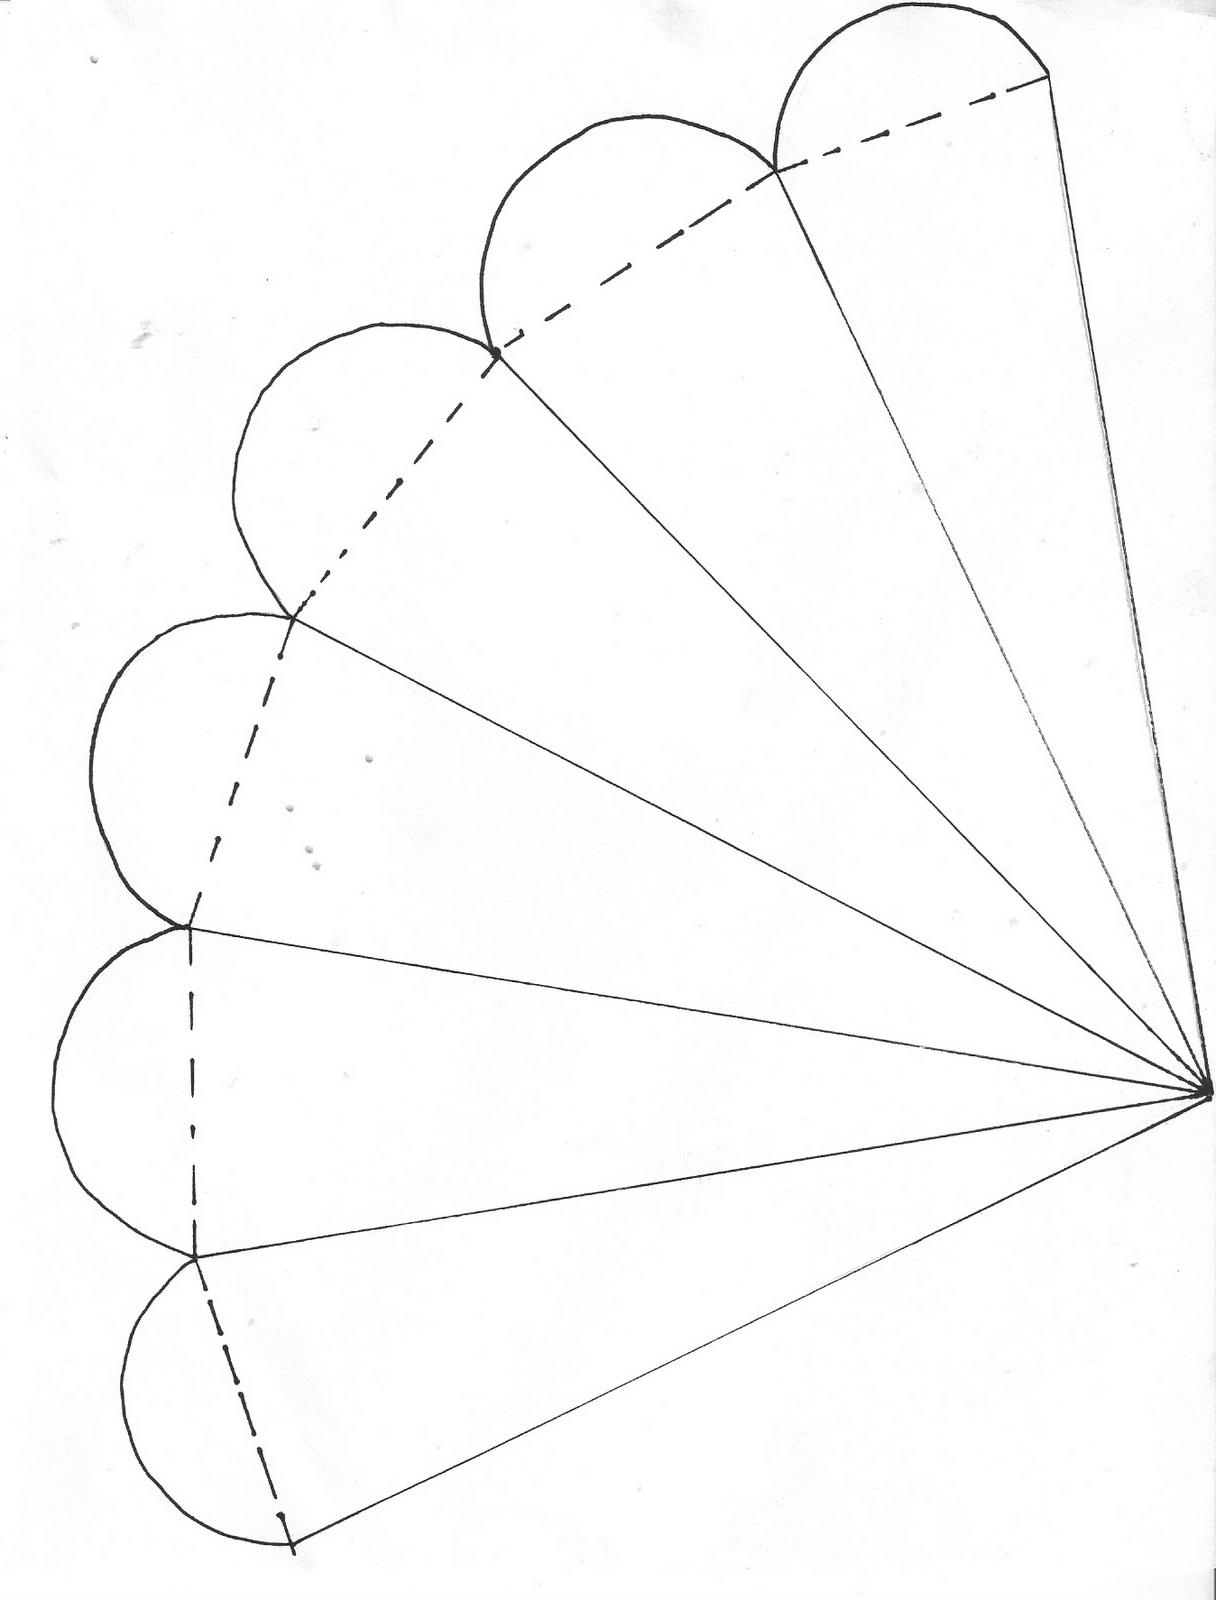 Cubos cilindros conos y dem s iorigen for Como puedo hacer un cono